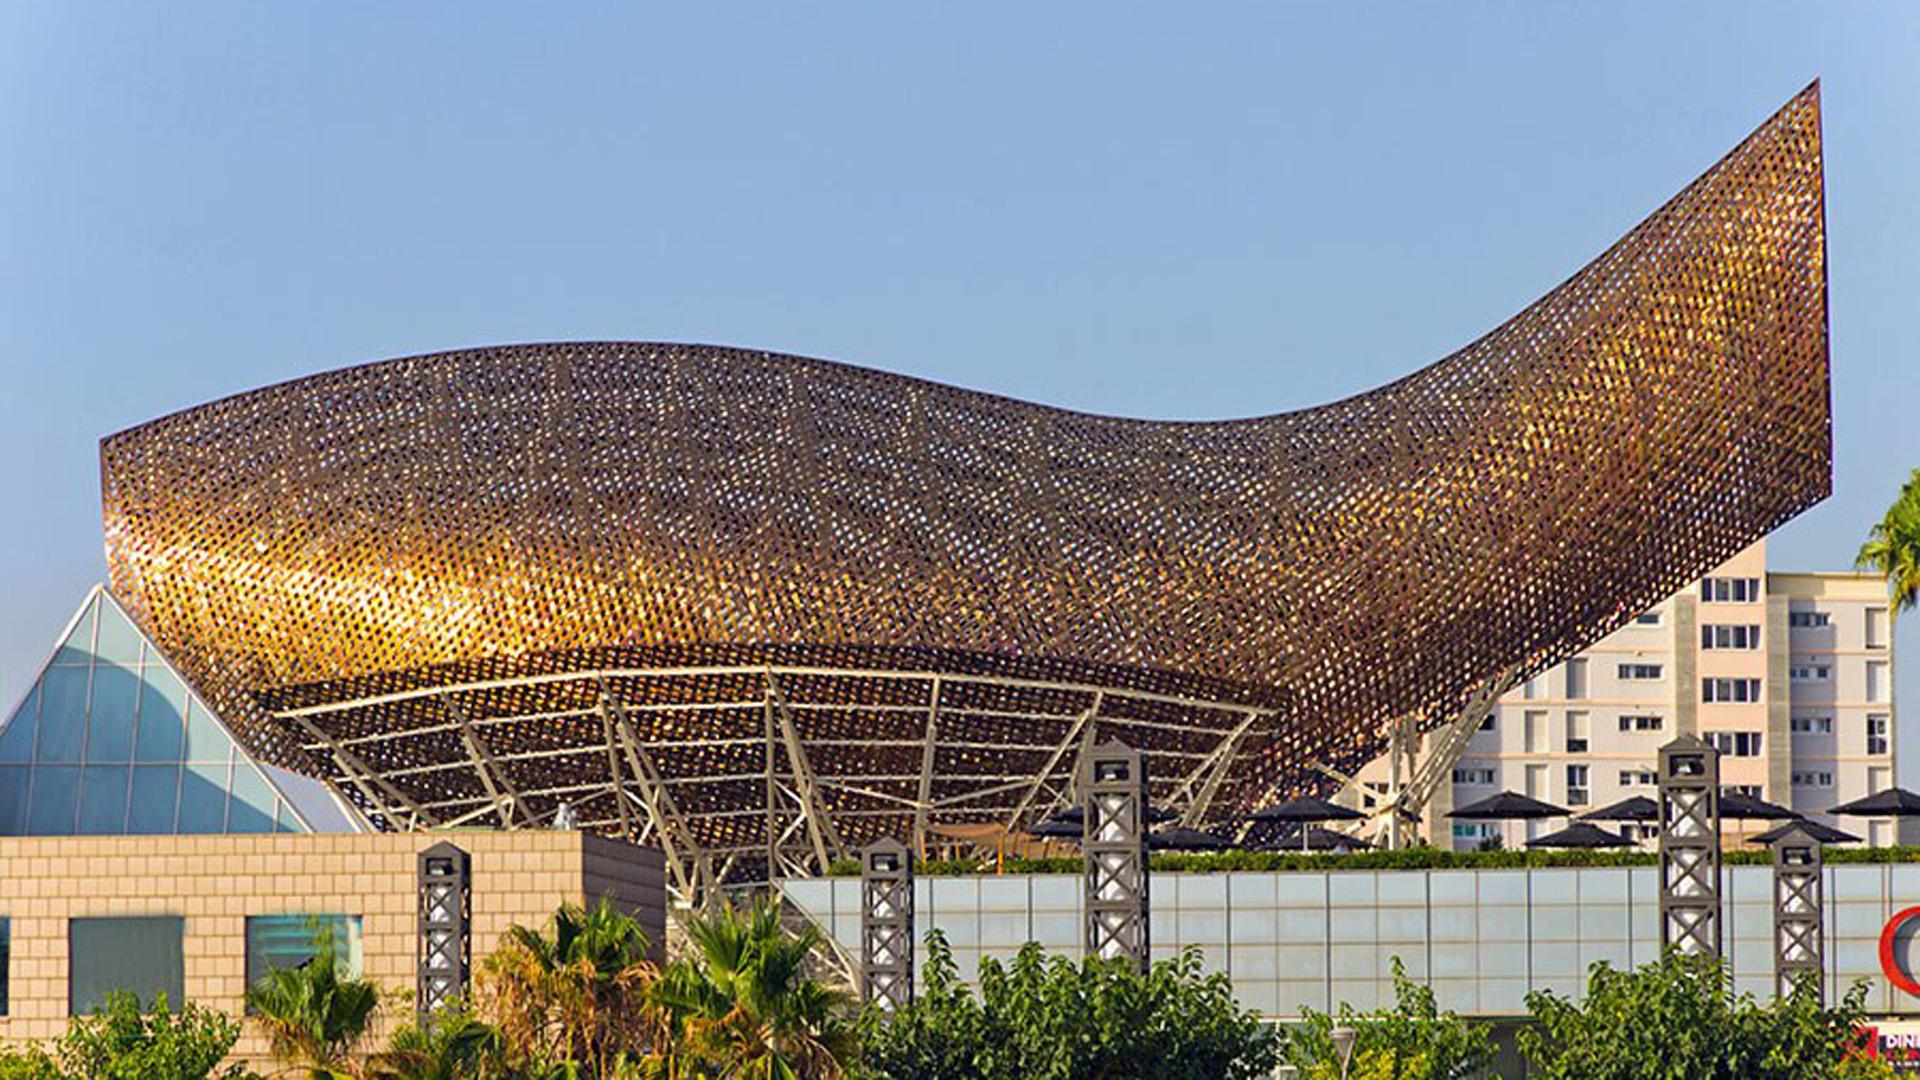 Cuenta con 56 metros de largo y 35 metros de altura y está realizado conacero color bronce